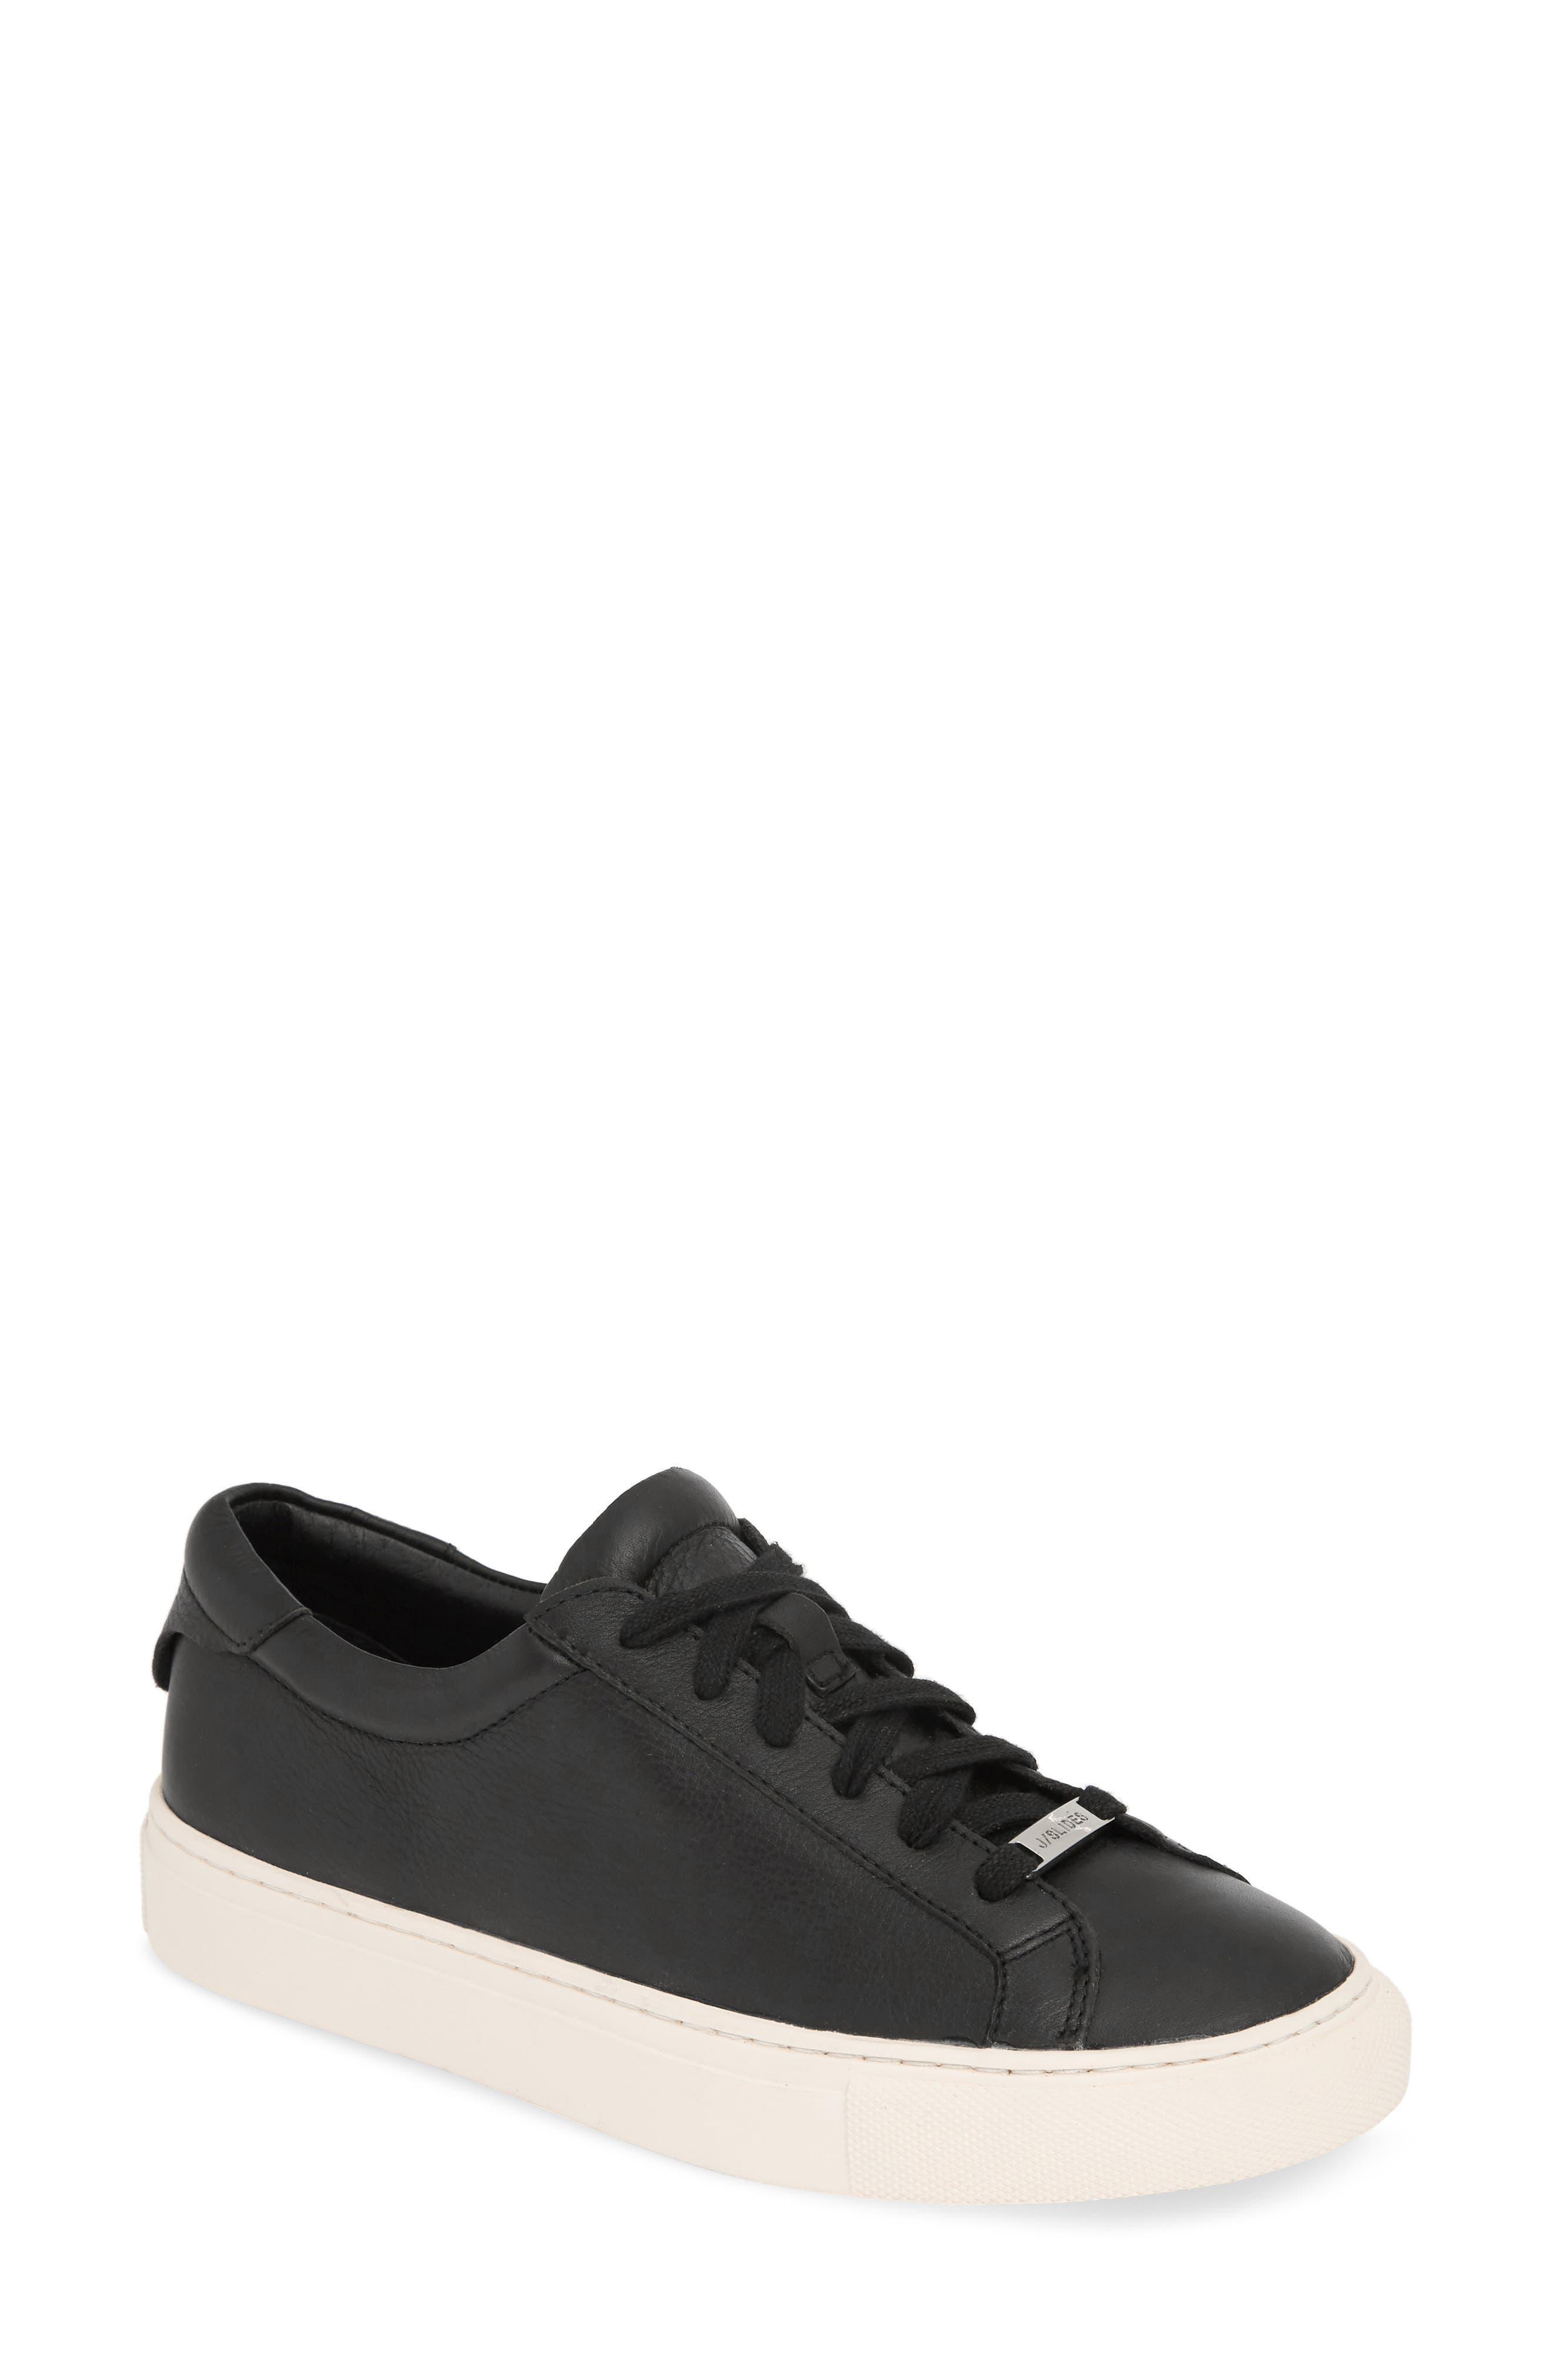 Jslides Lacee Platform Sneaker, Black